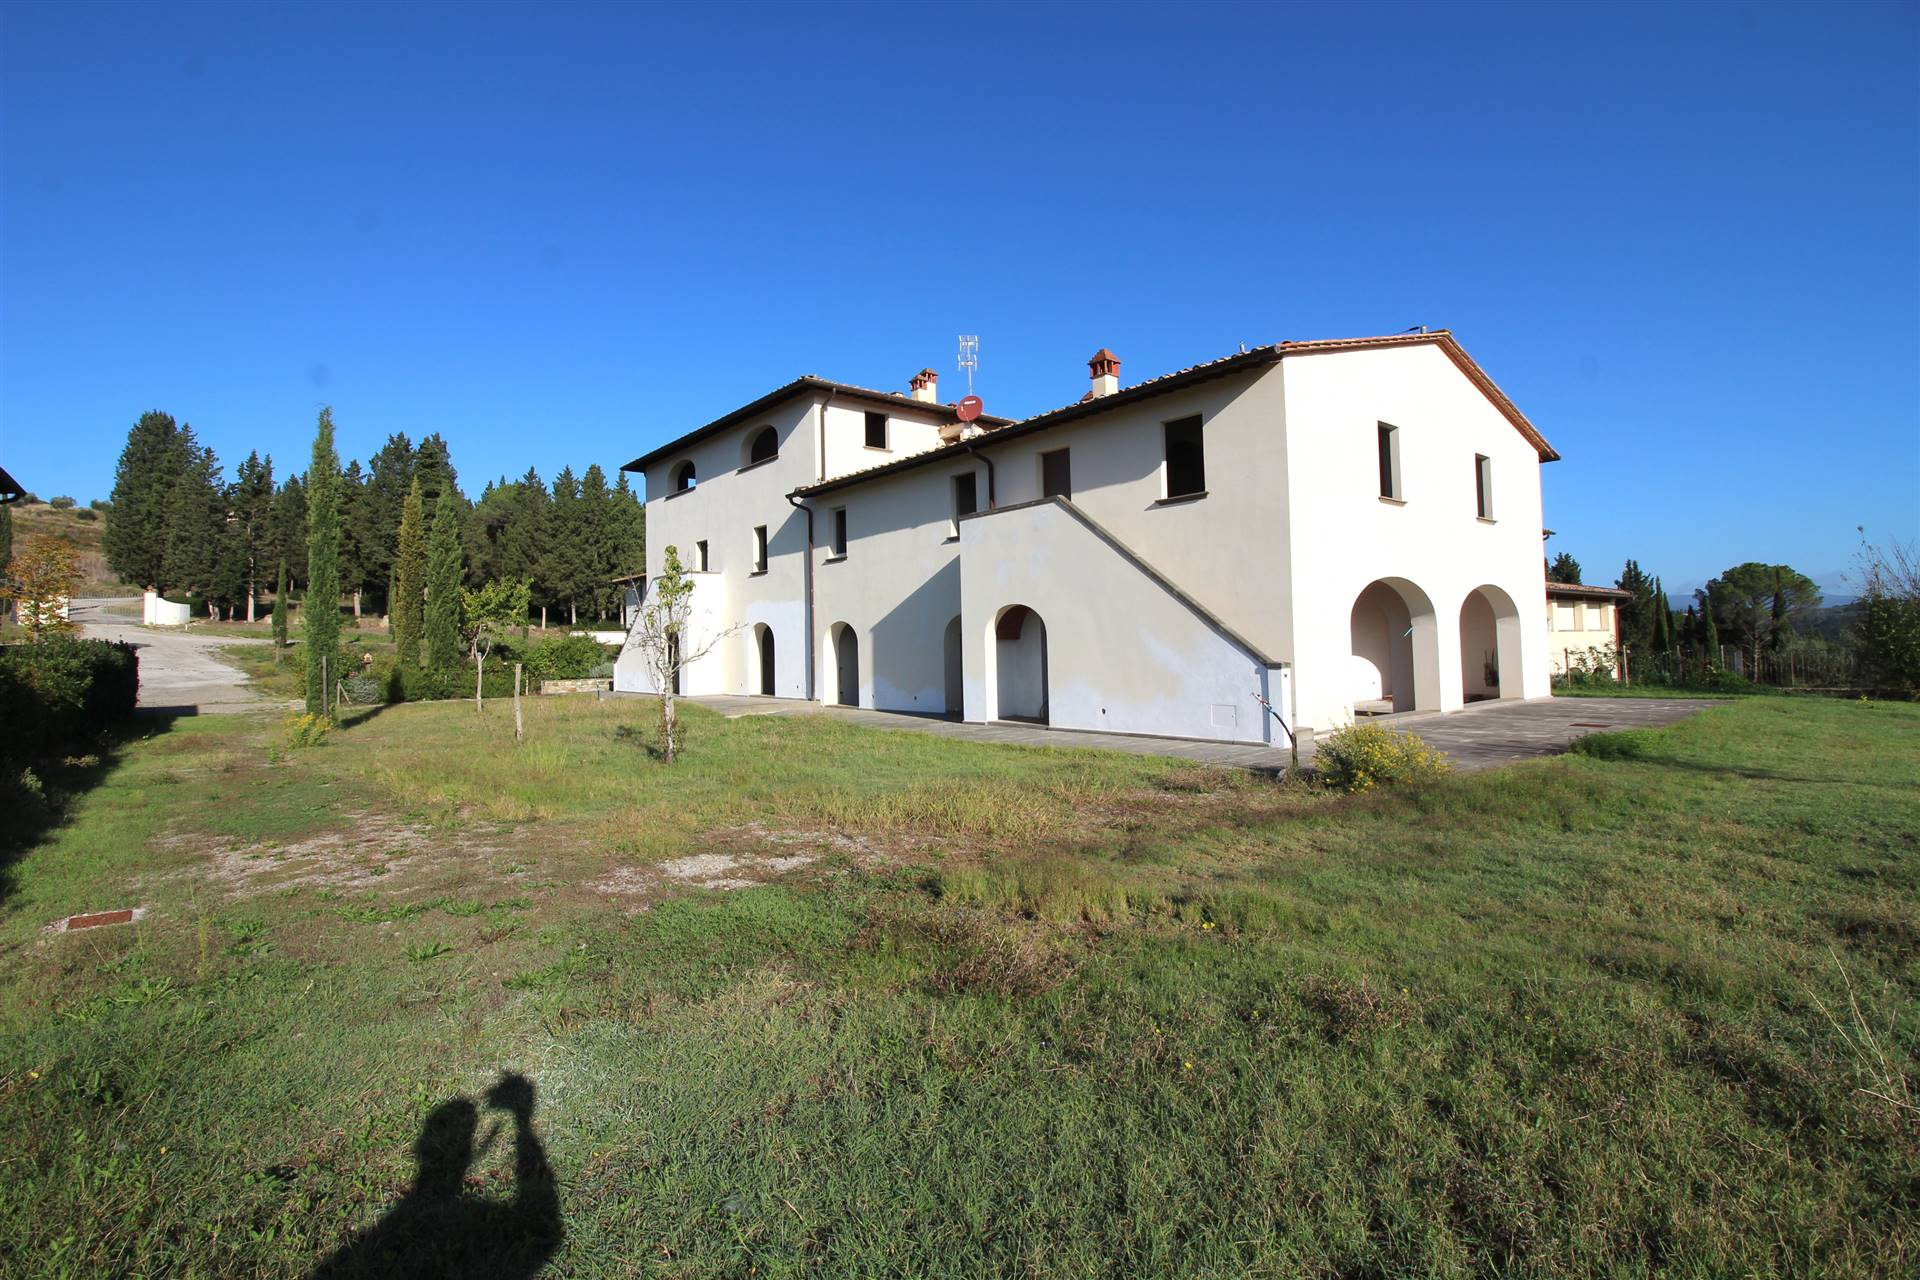 Appartamento in vendita a Bagno a Ripoli, 4 locali, zona sina, prezzo € 560.000 | PortaleAgenzieImmobiliari.it